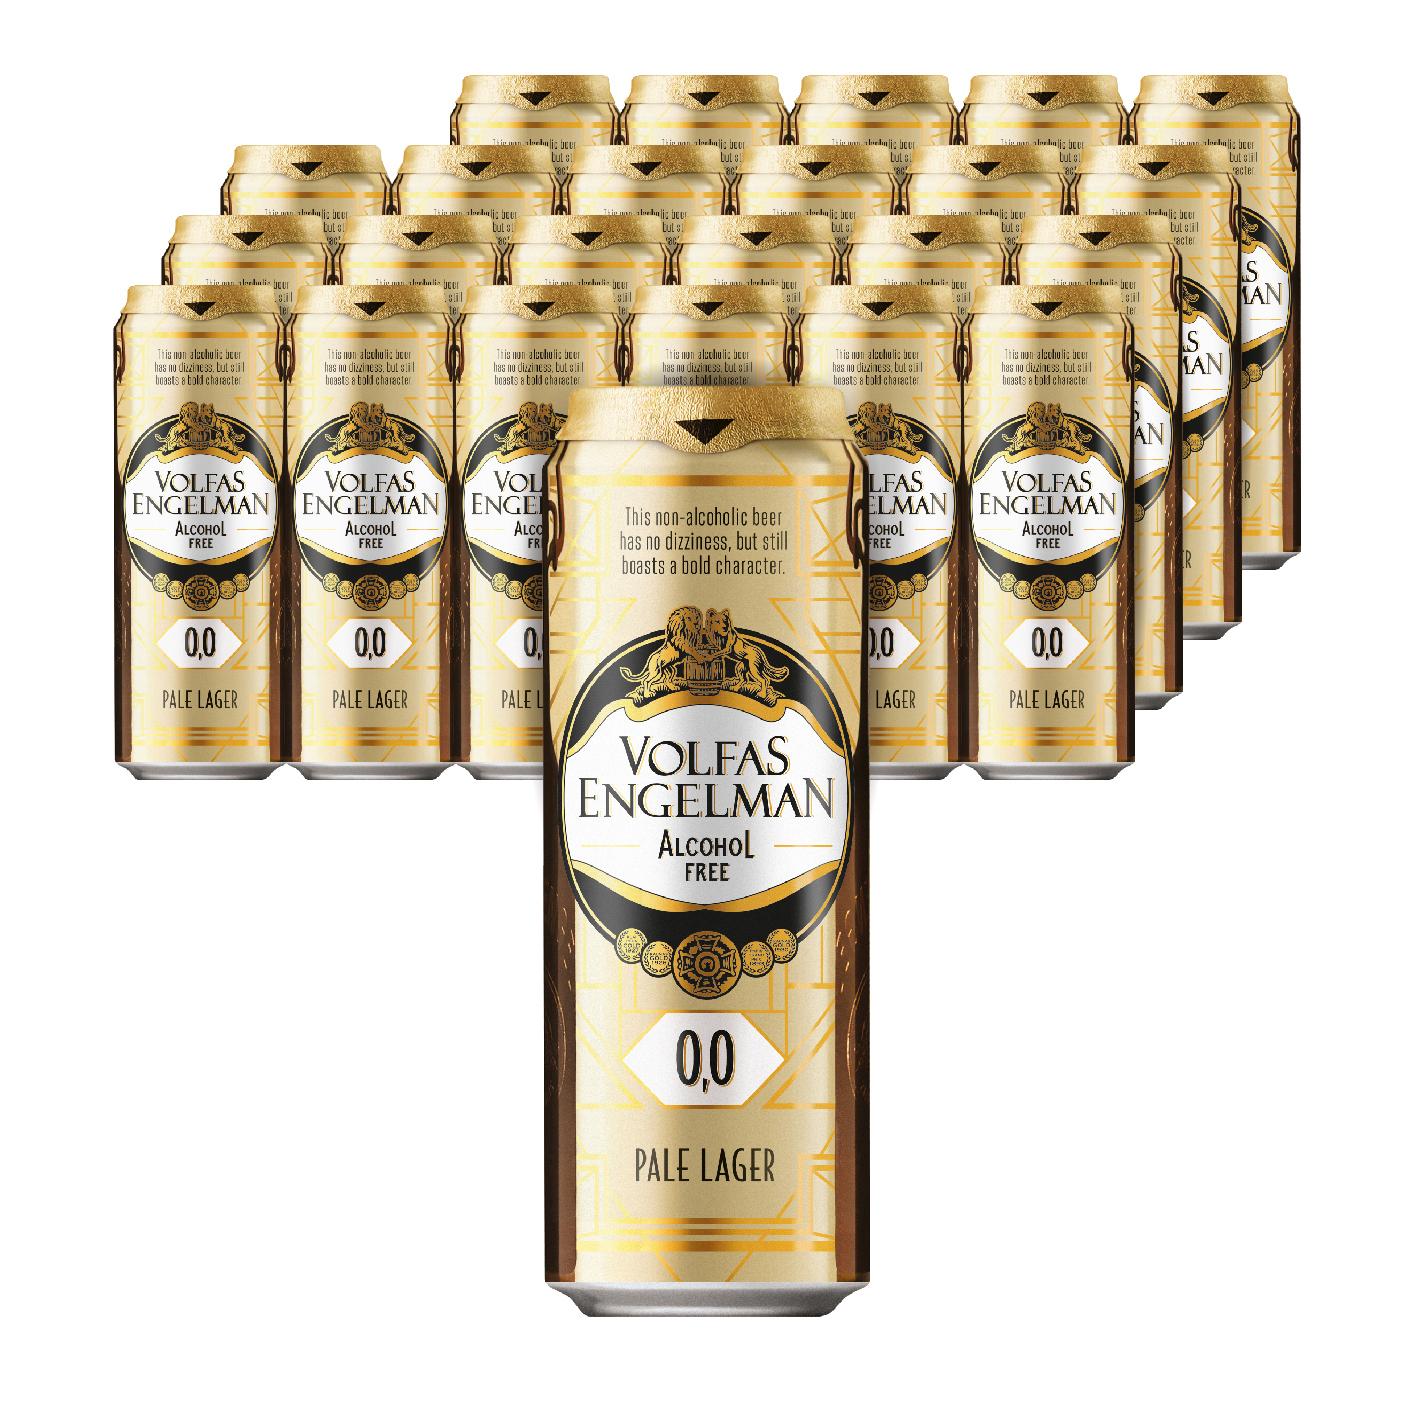 볼파스엔젤맨 알코올 프리 무알콜 맥주, 568ml, 24개